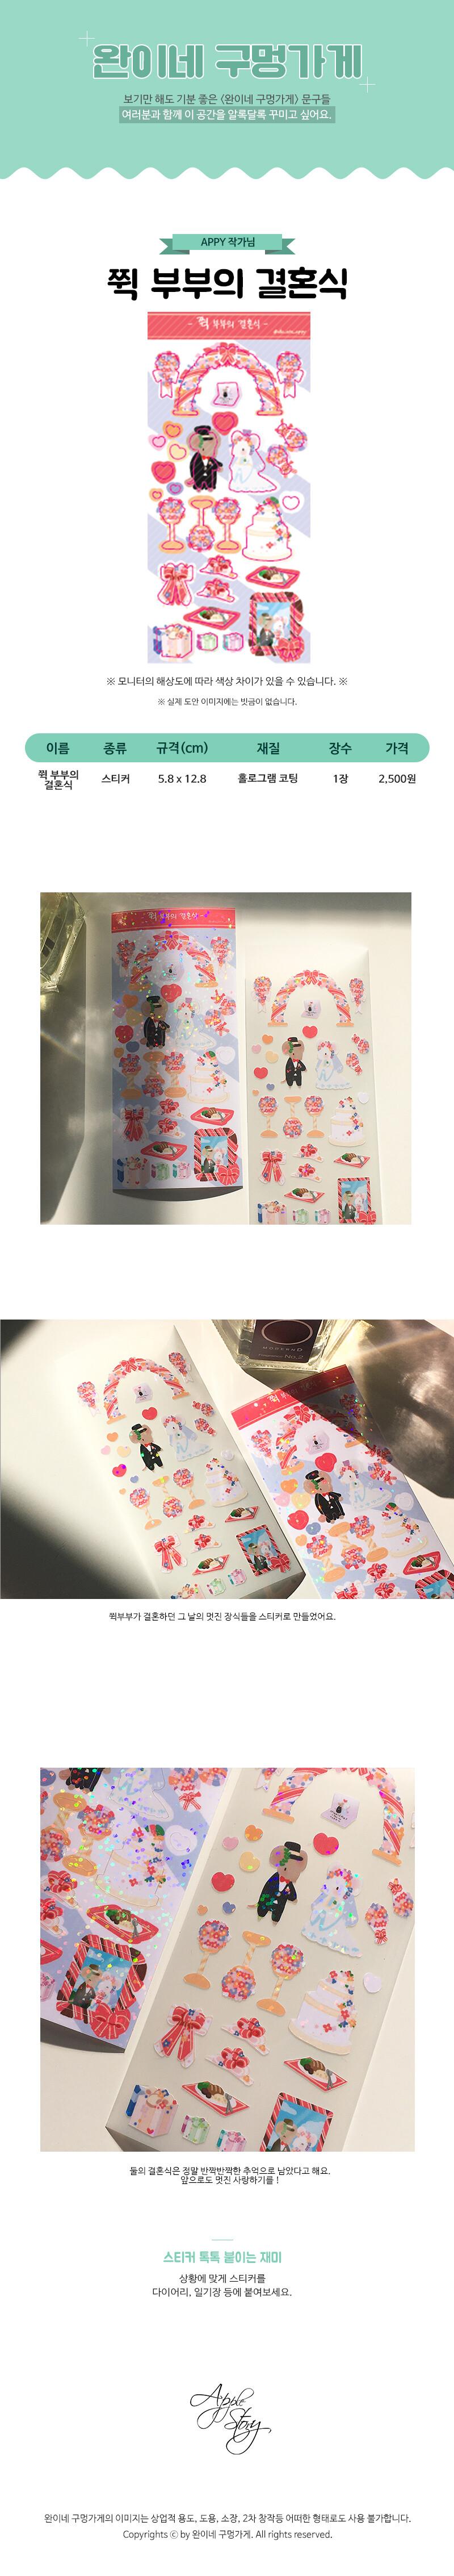 sticker979